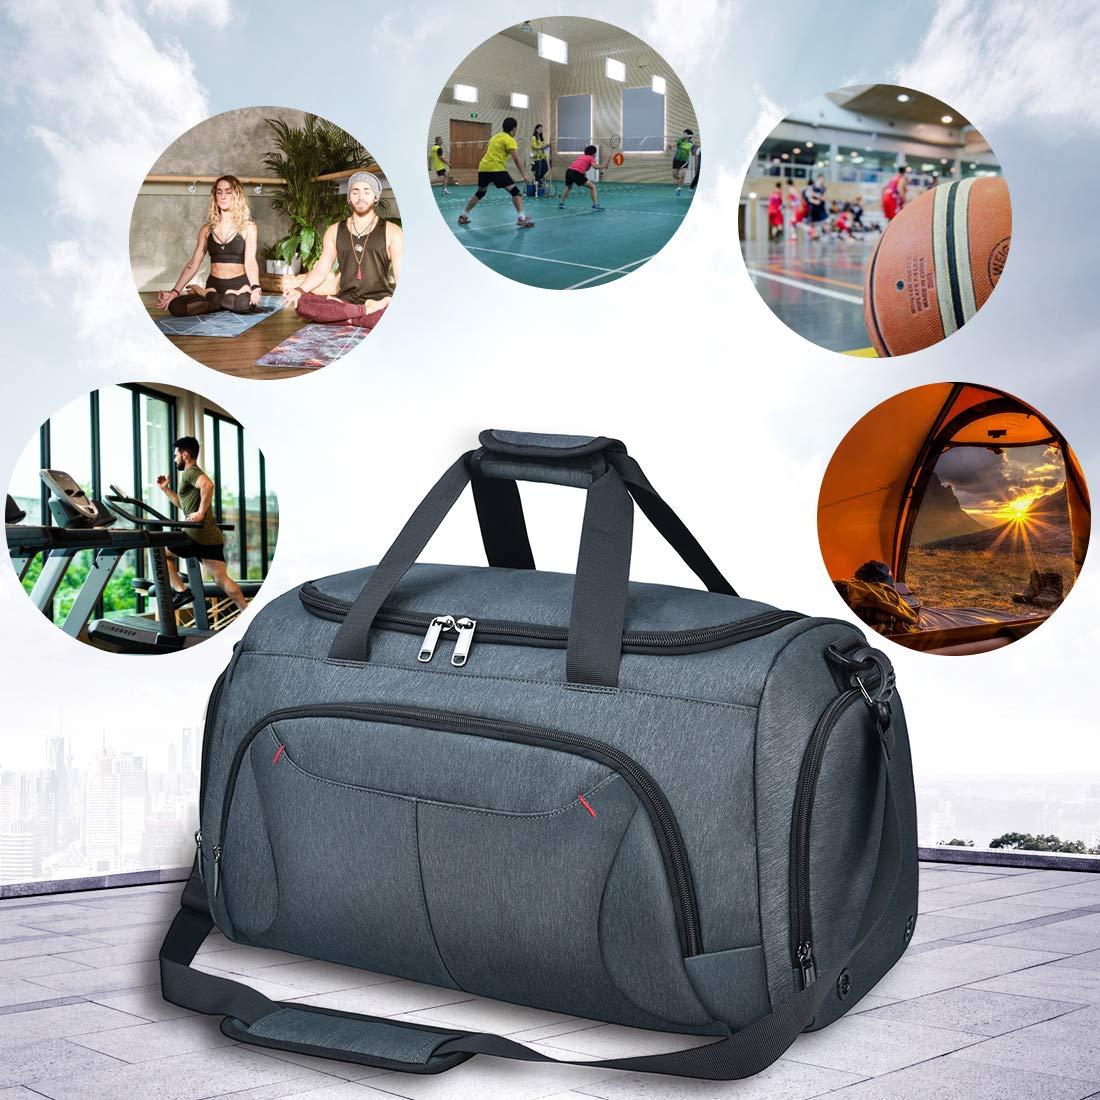 NEWHEY Bolsa Deportiva Bolsas de Viaje para Hombre Mujer Bolso Deporte Gimnasio con Compartimento para Zapatos Sport Gym Duffle Bag Impermeable 40L